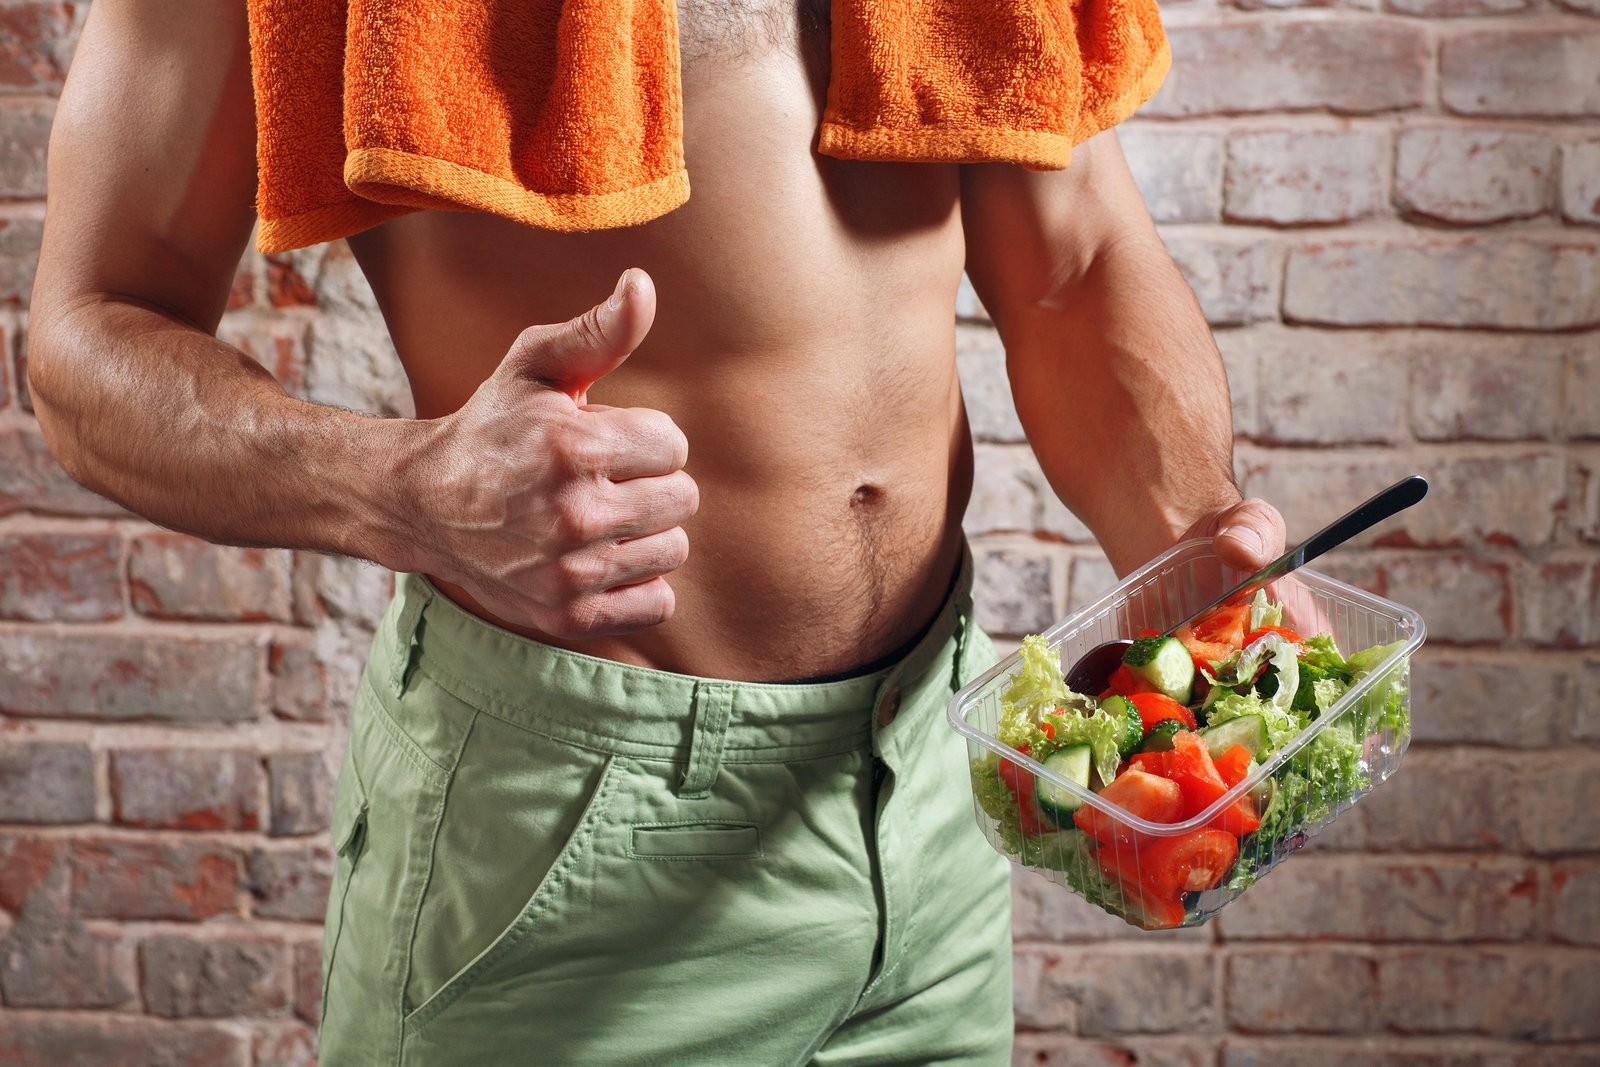 Мужская Диета На Сброс Веса. Как похудеть мужчине - программа и режим питания, эффективные диеты на каждый день